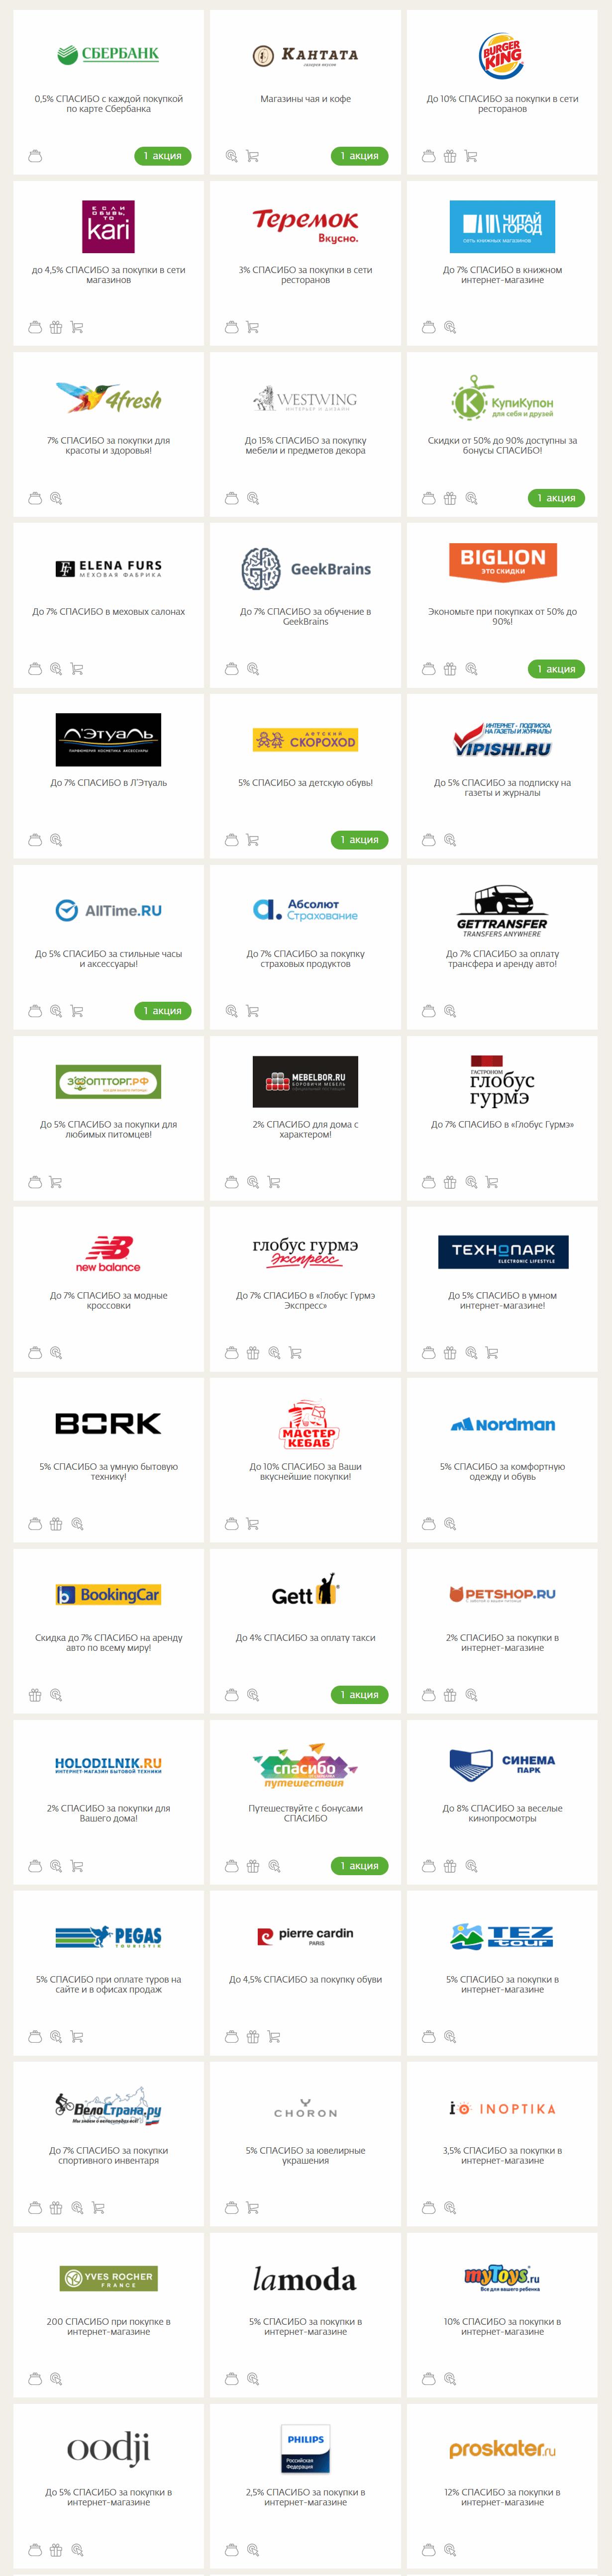 f0028166ef3d3 Список магазинов, которые принимают бонусы Спасибо от Сбербанка - 1 часть